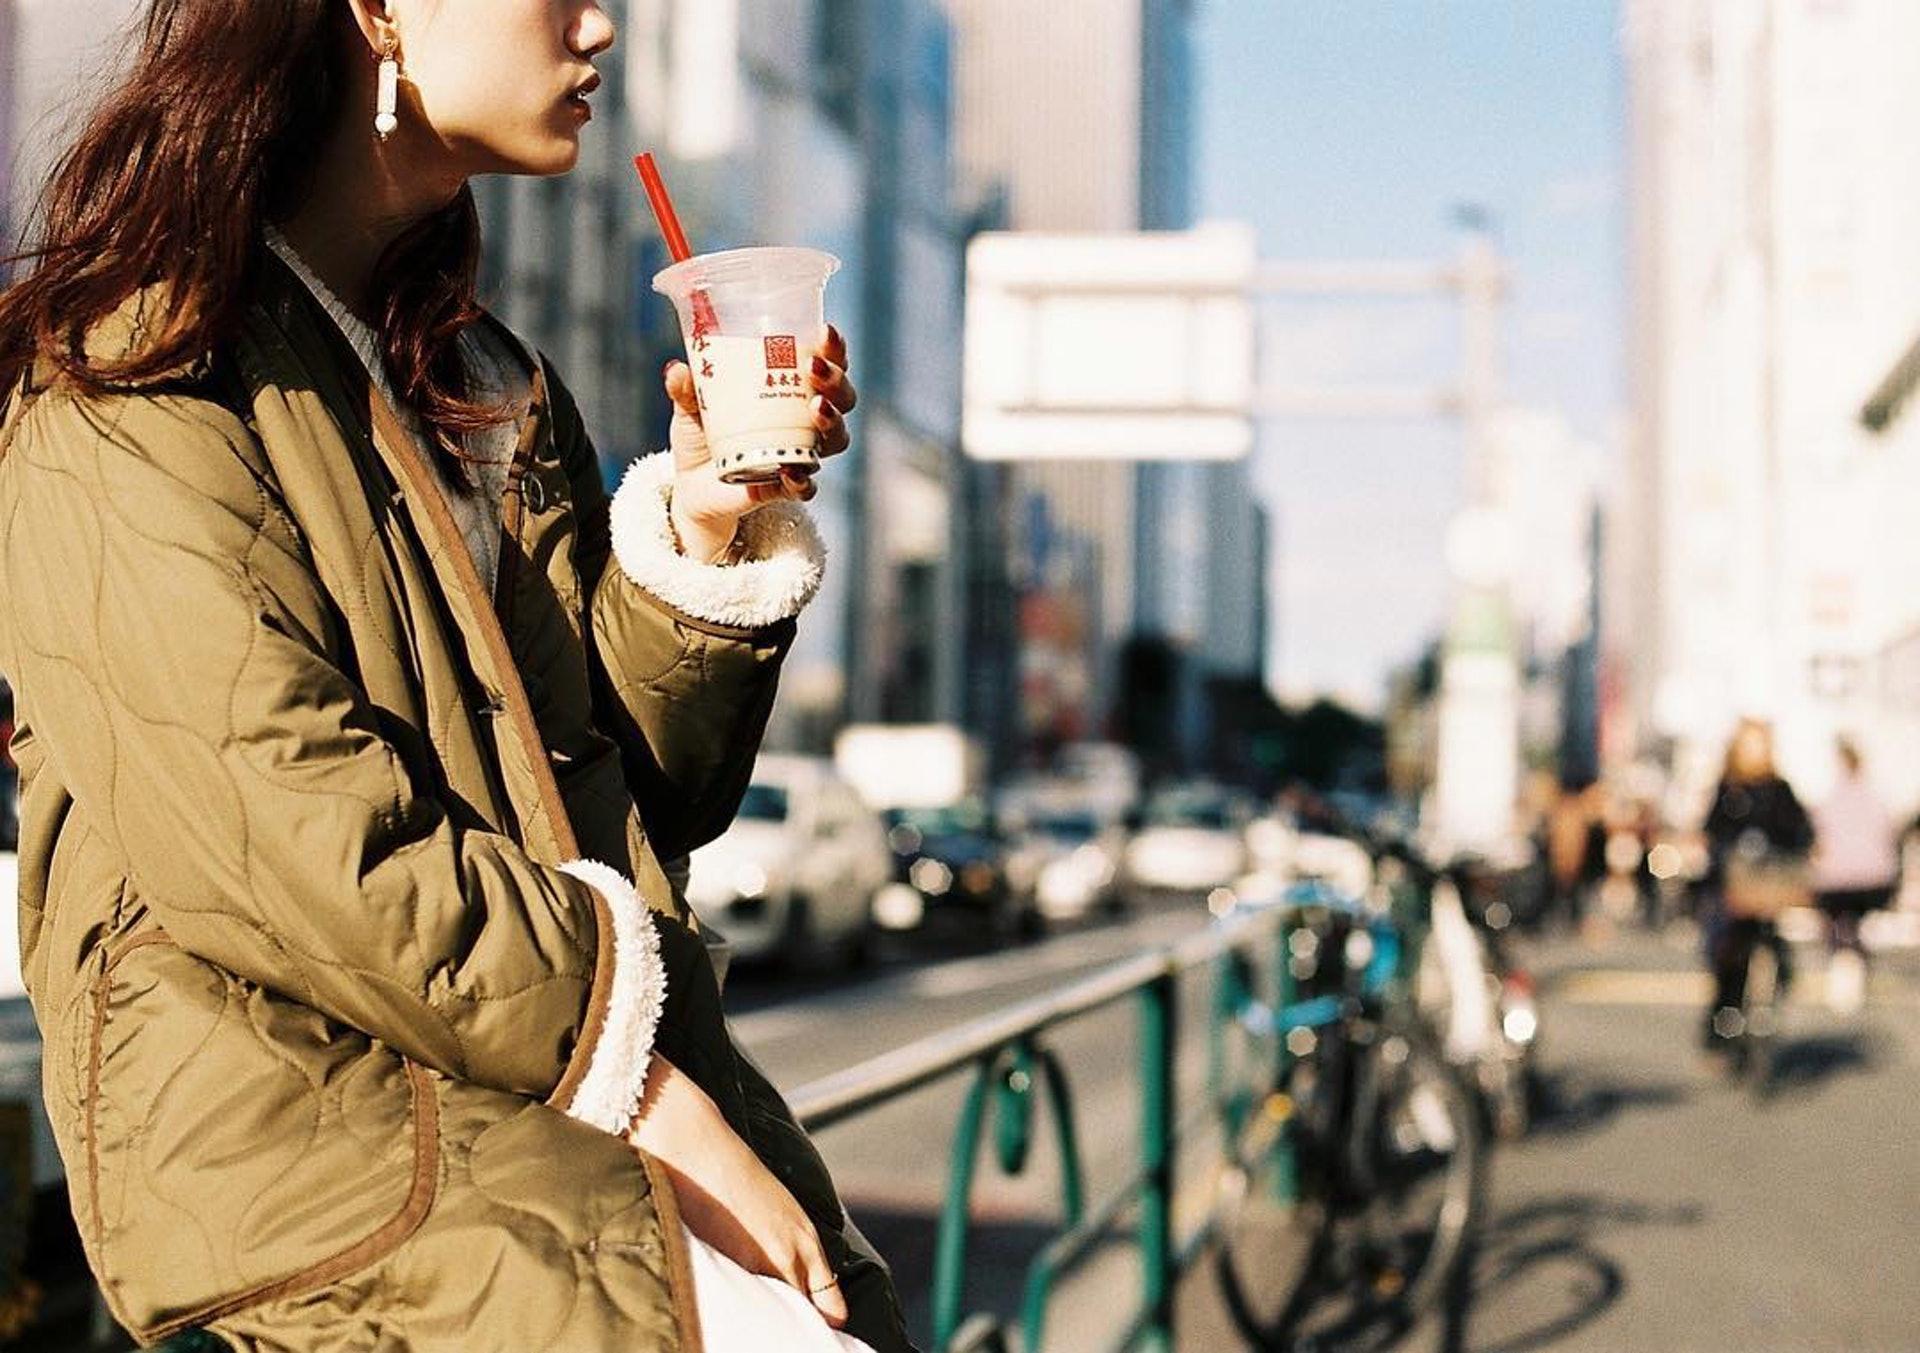 珍珠奶茶非常適合拍照貼在Instagram(IG)上。(Instagram@chunshuitang)